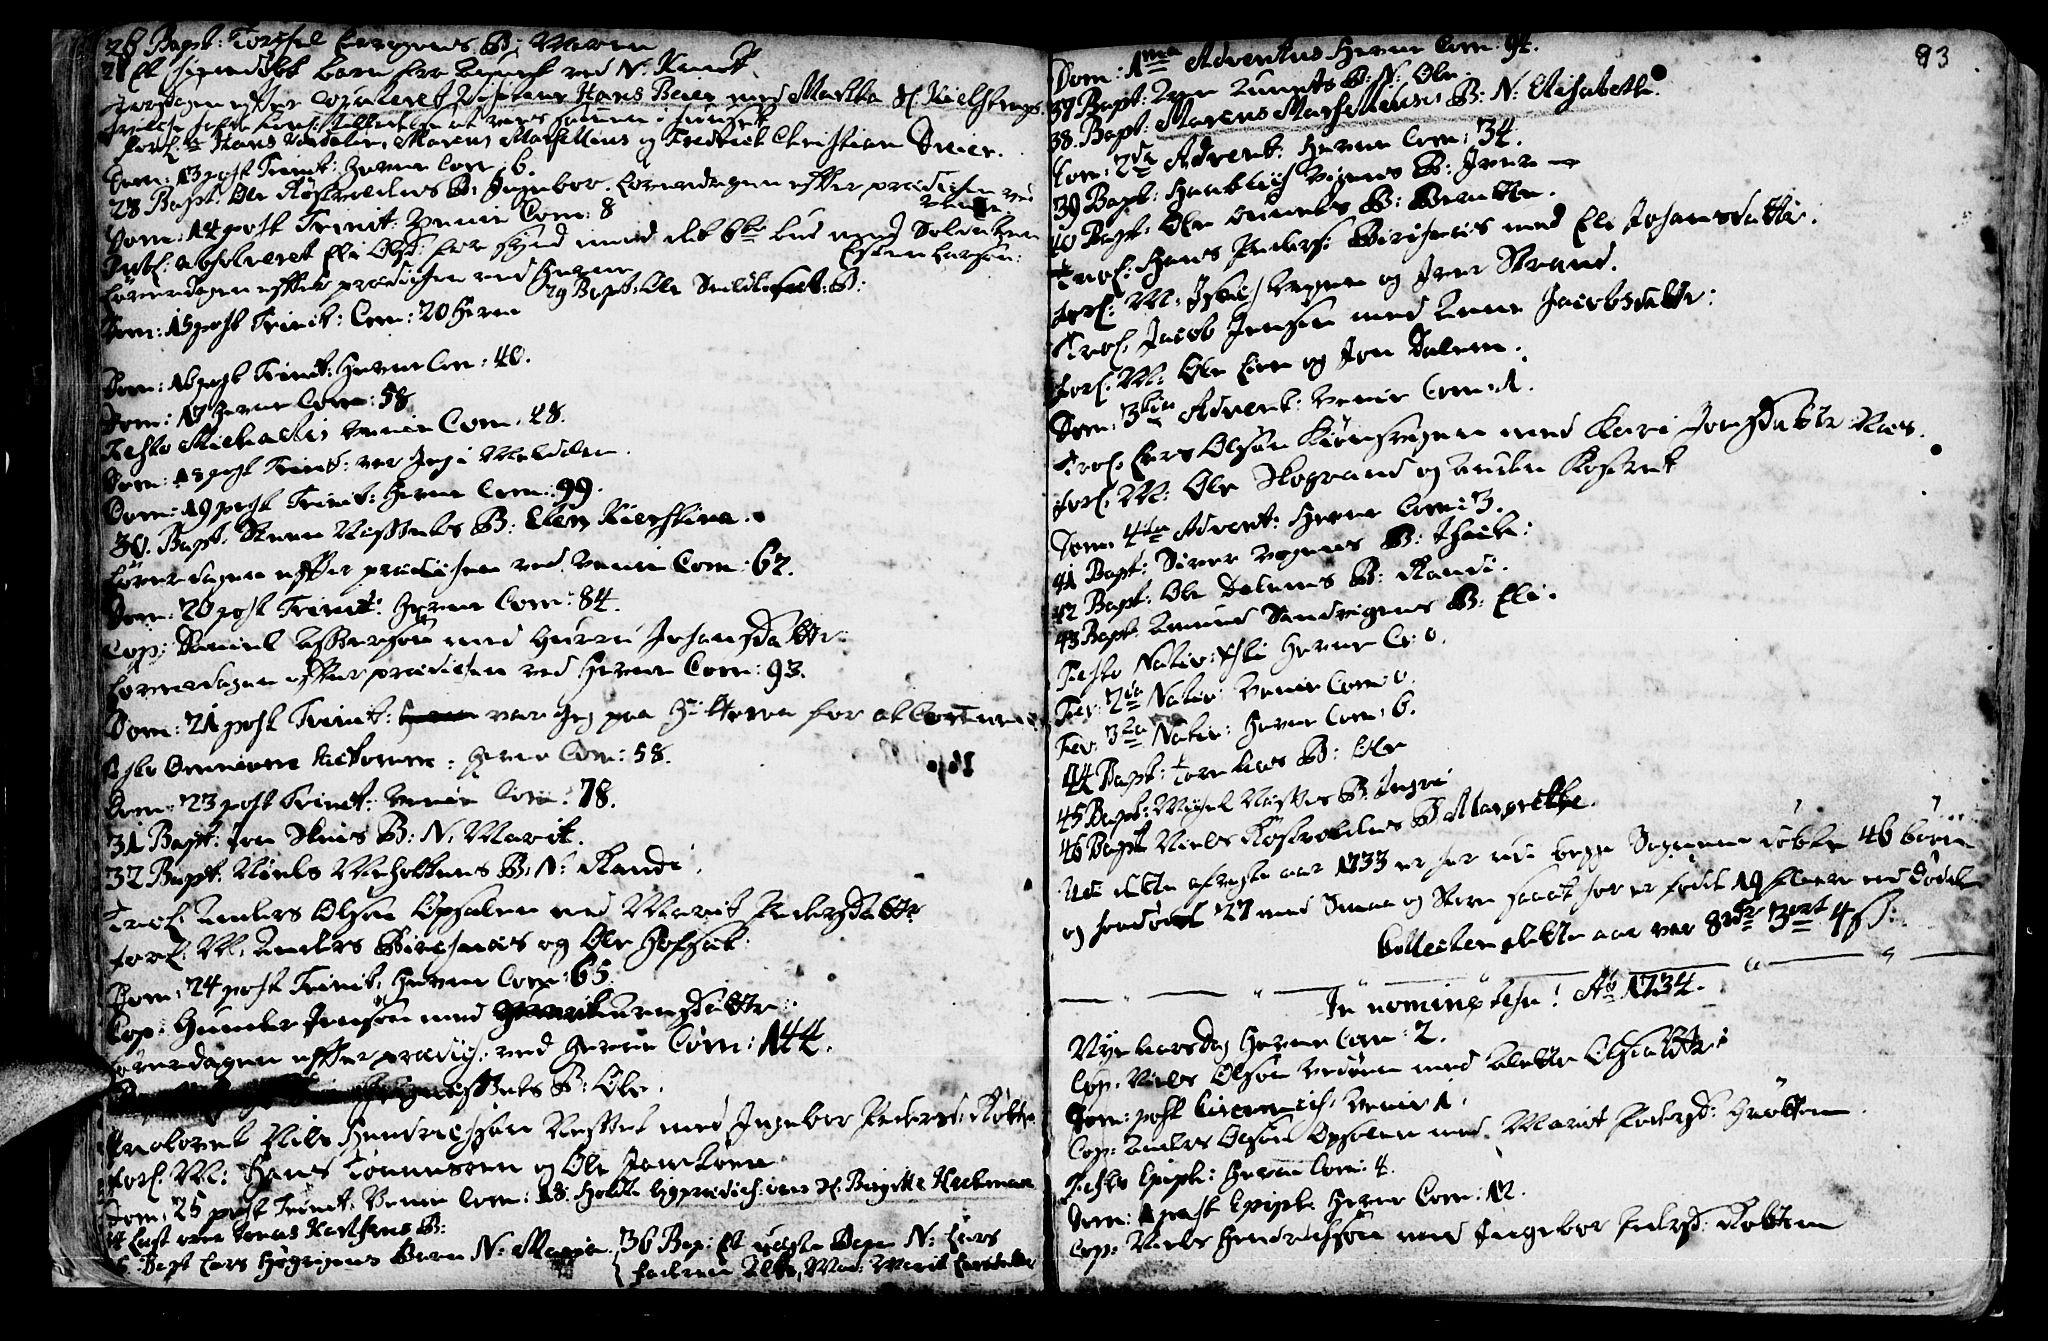 SAT, Ministerialprotokoller, klokkerbøker og fødselsregistre - Sør-Trøndelag, 630/L0488: Ministerialbok nr. 630A01, 1717-1756, s. 92-93